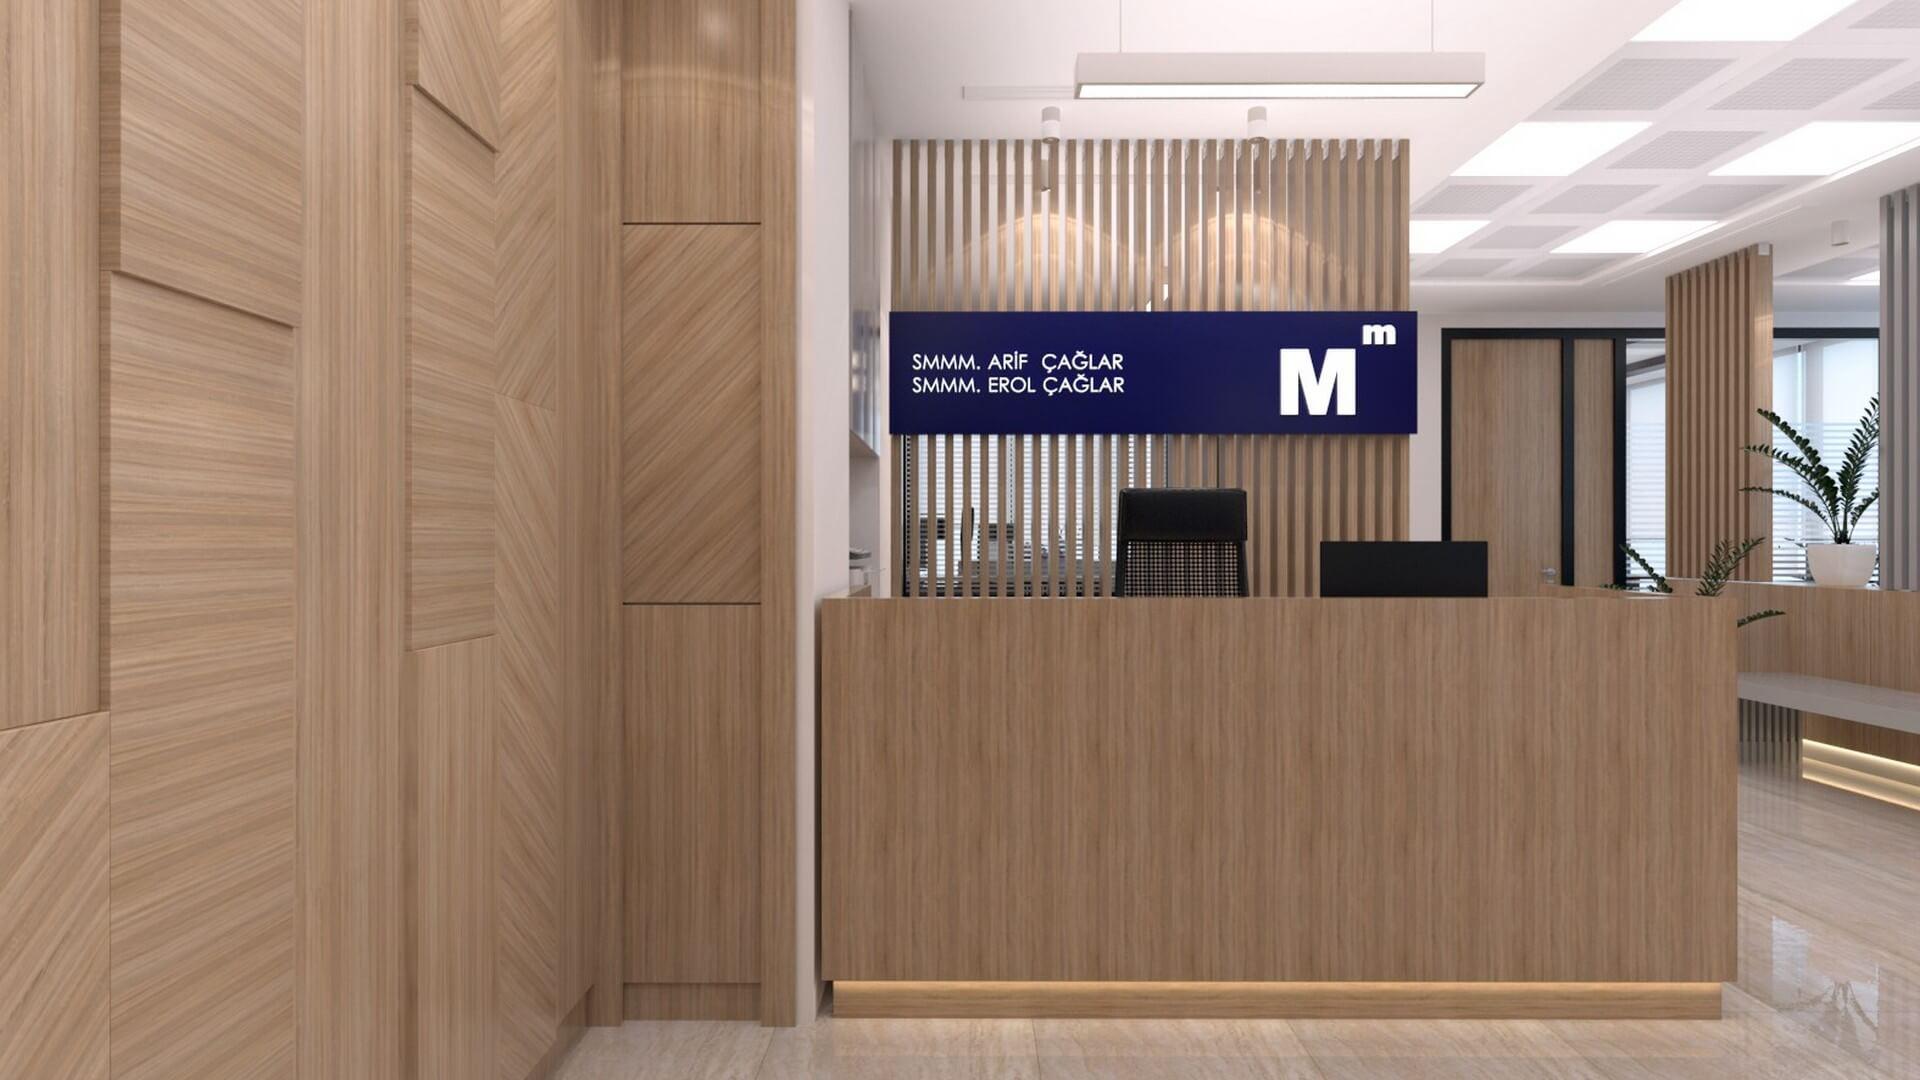 Ofis İç Mimari Dekorasyonu  A. Çağlar SMMM Ofisi